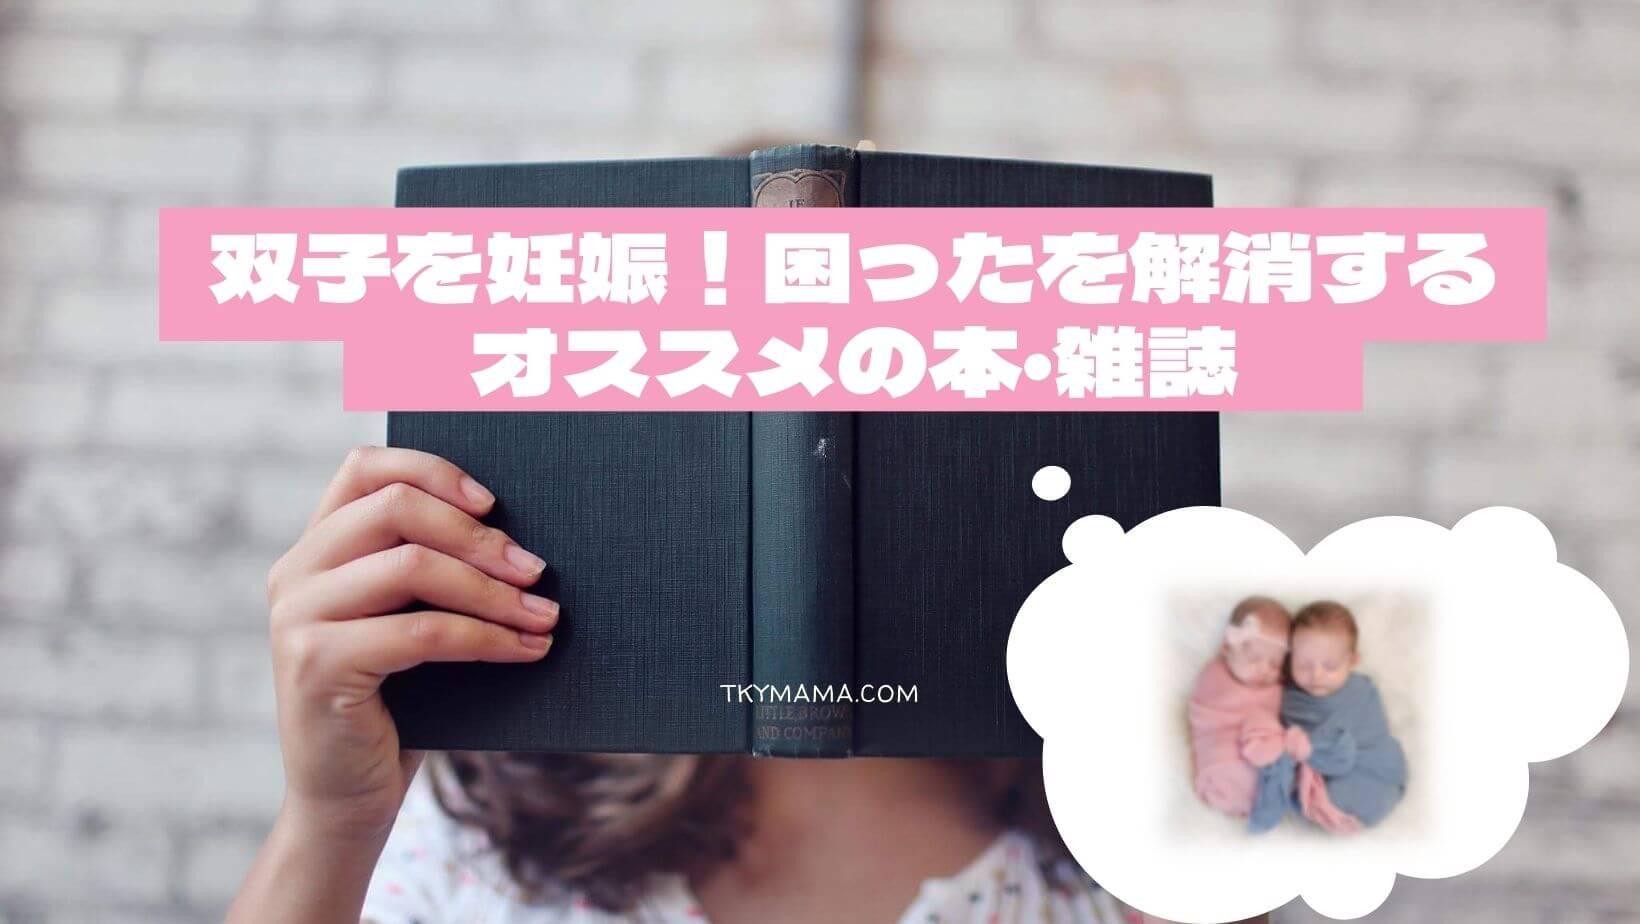 双子の妊娠や出産、育児に関するおすすめの本、雑誌5冊